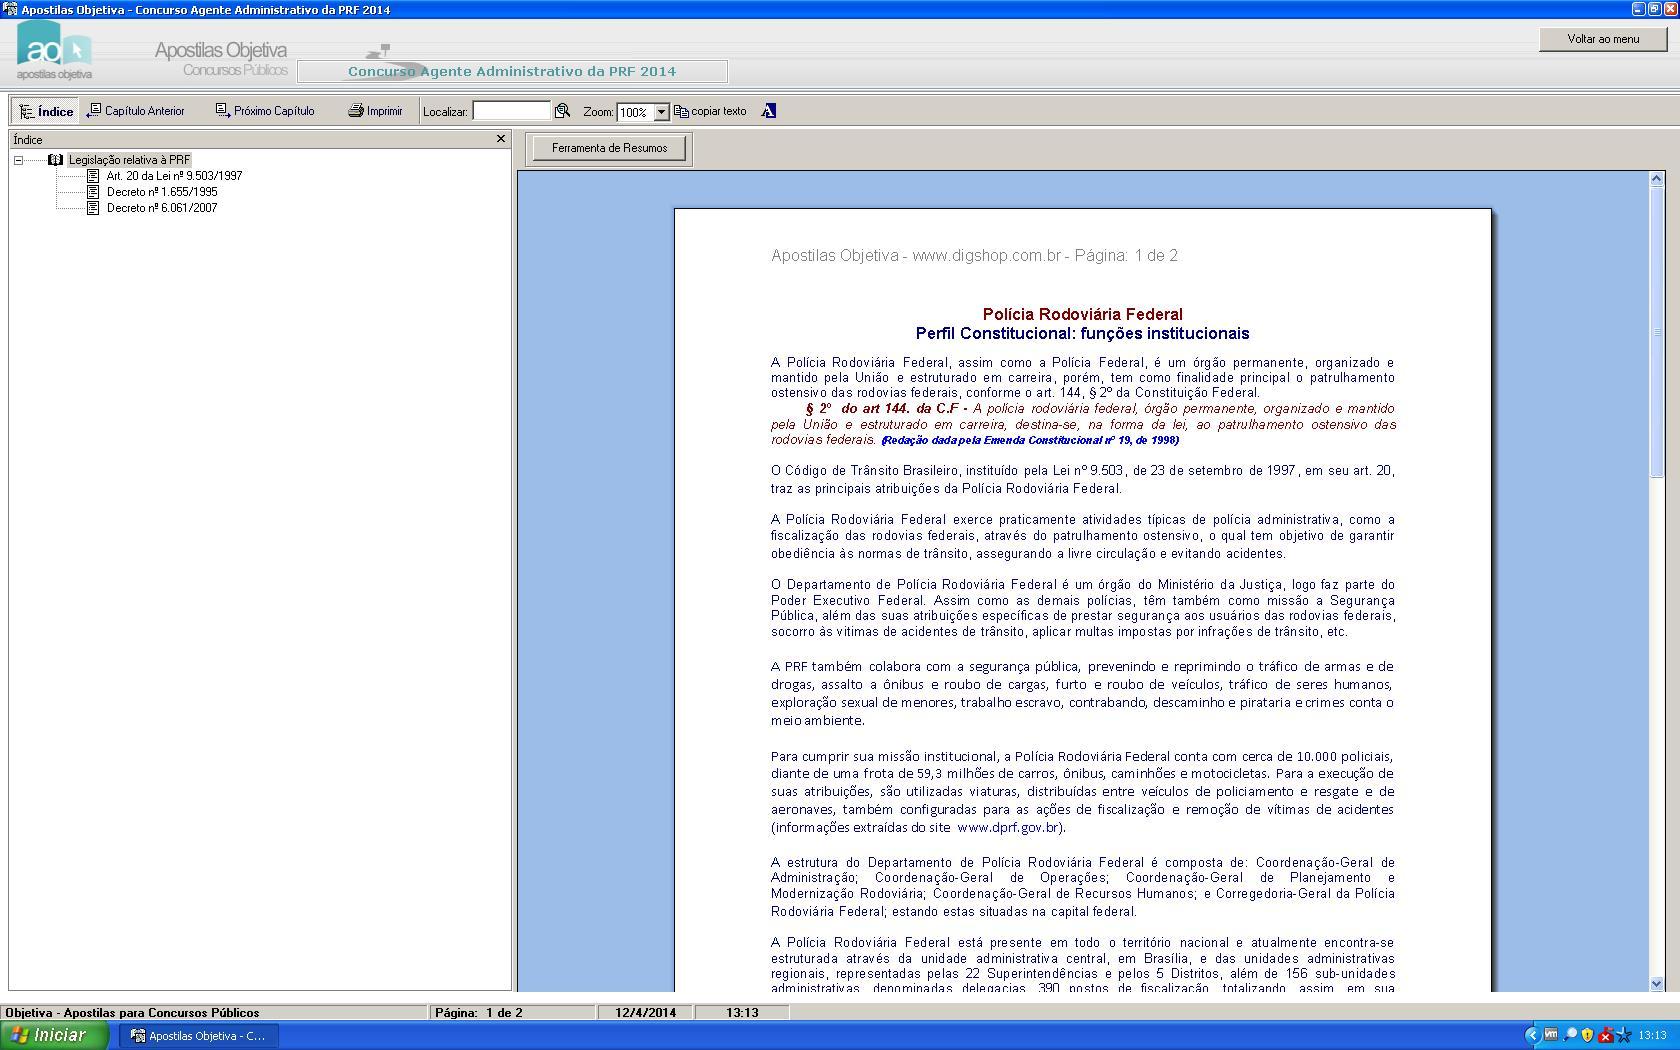 Apostila do Concurso Agente Administrativo Polícia Rodoviária Federal - Imagem 3 do software